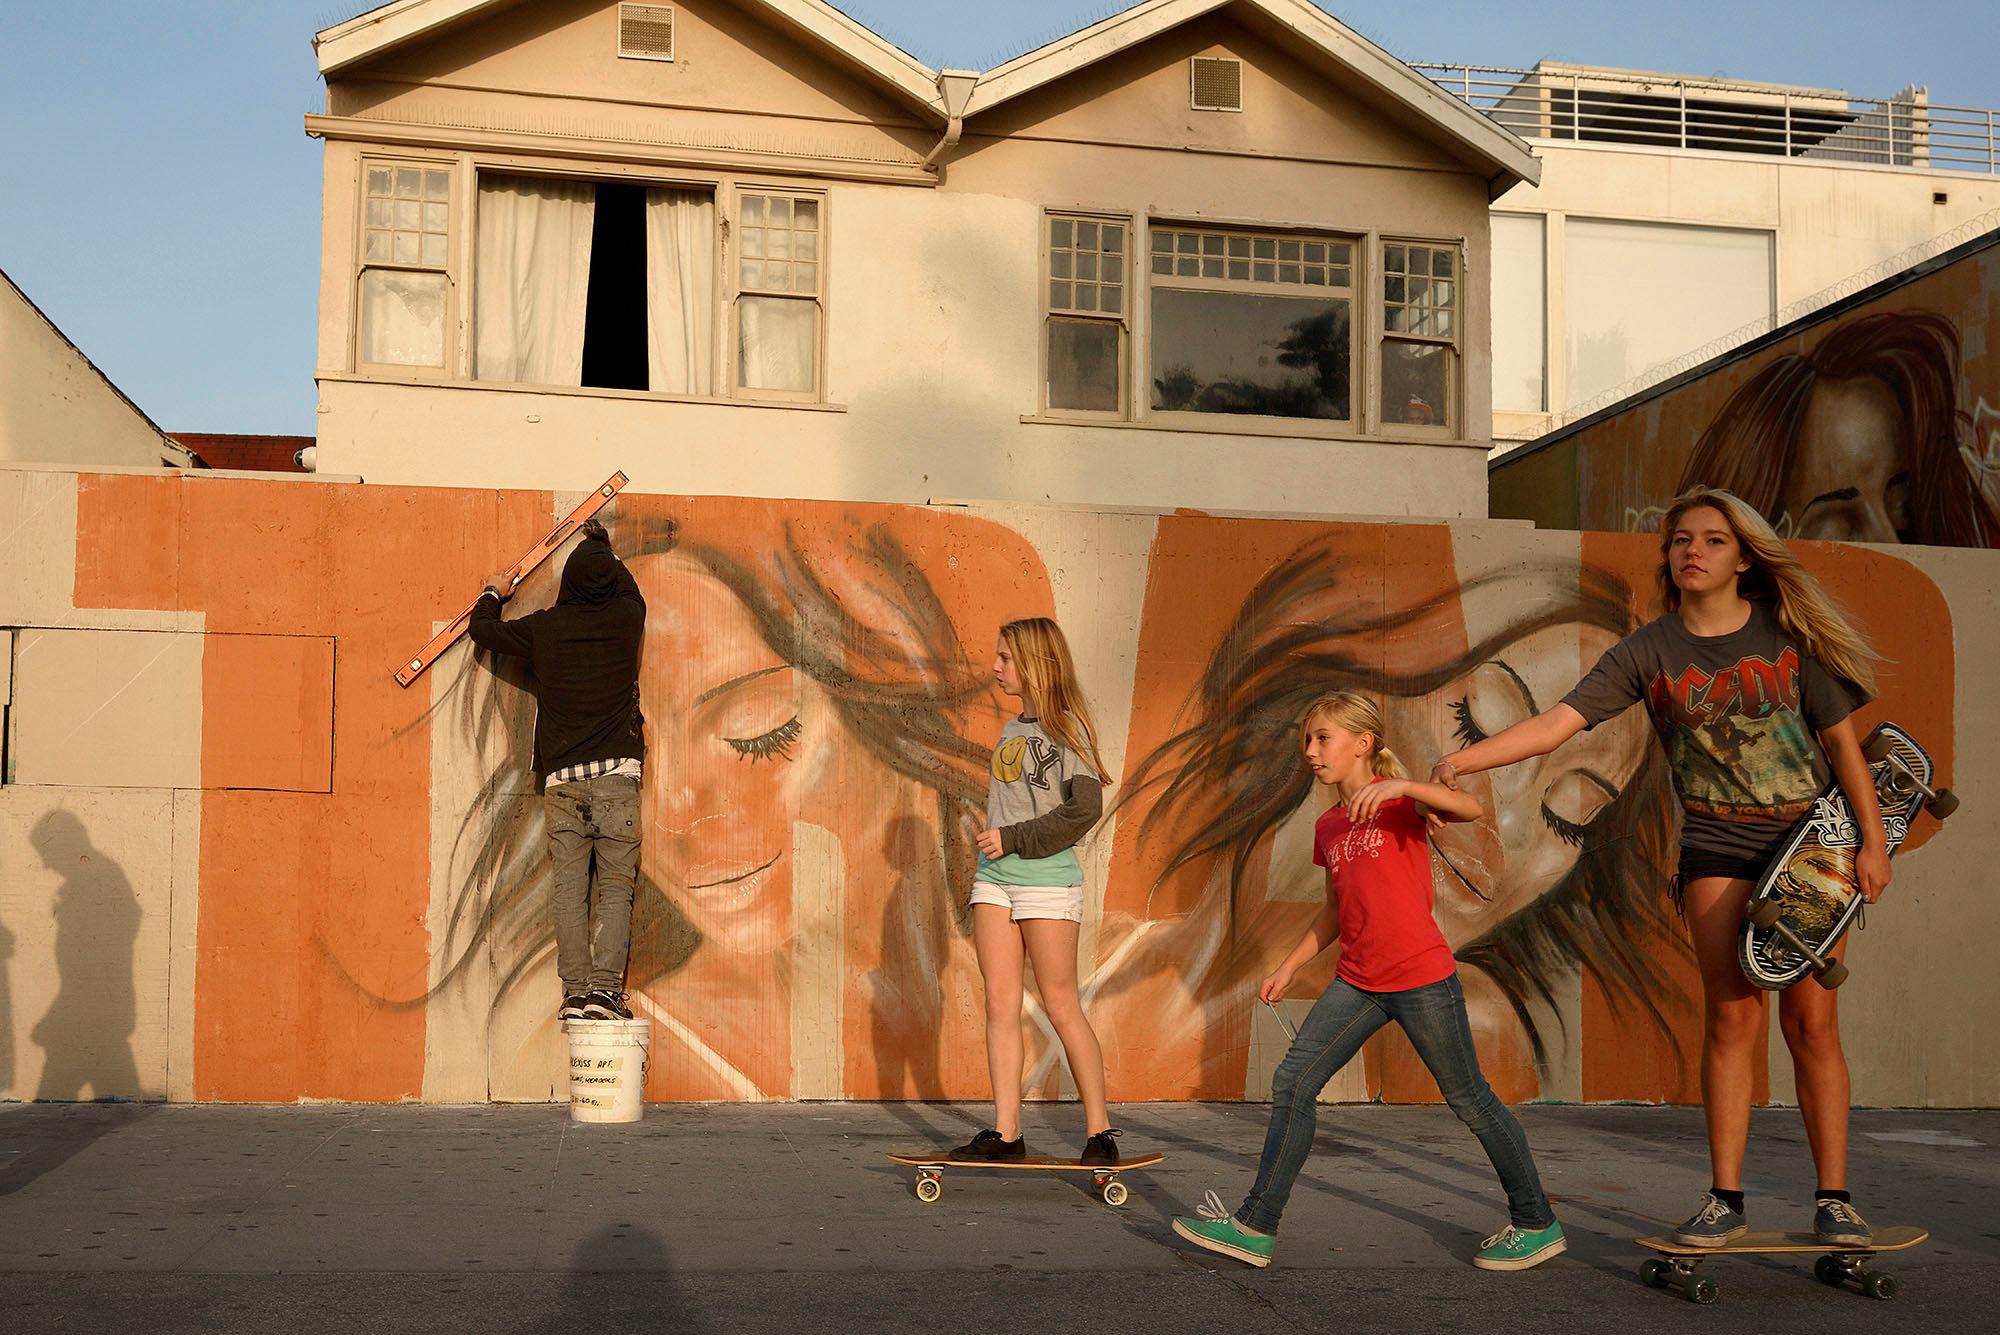 skateboardersnew.jpg